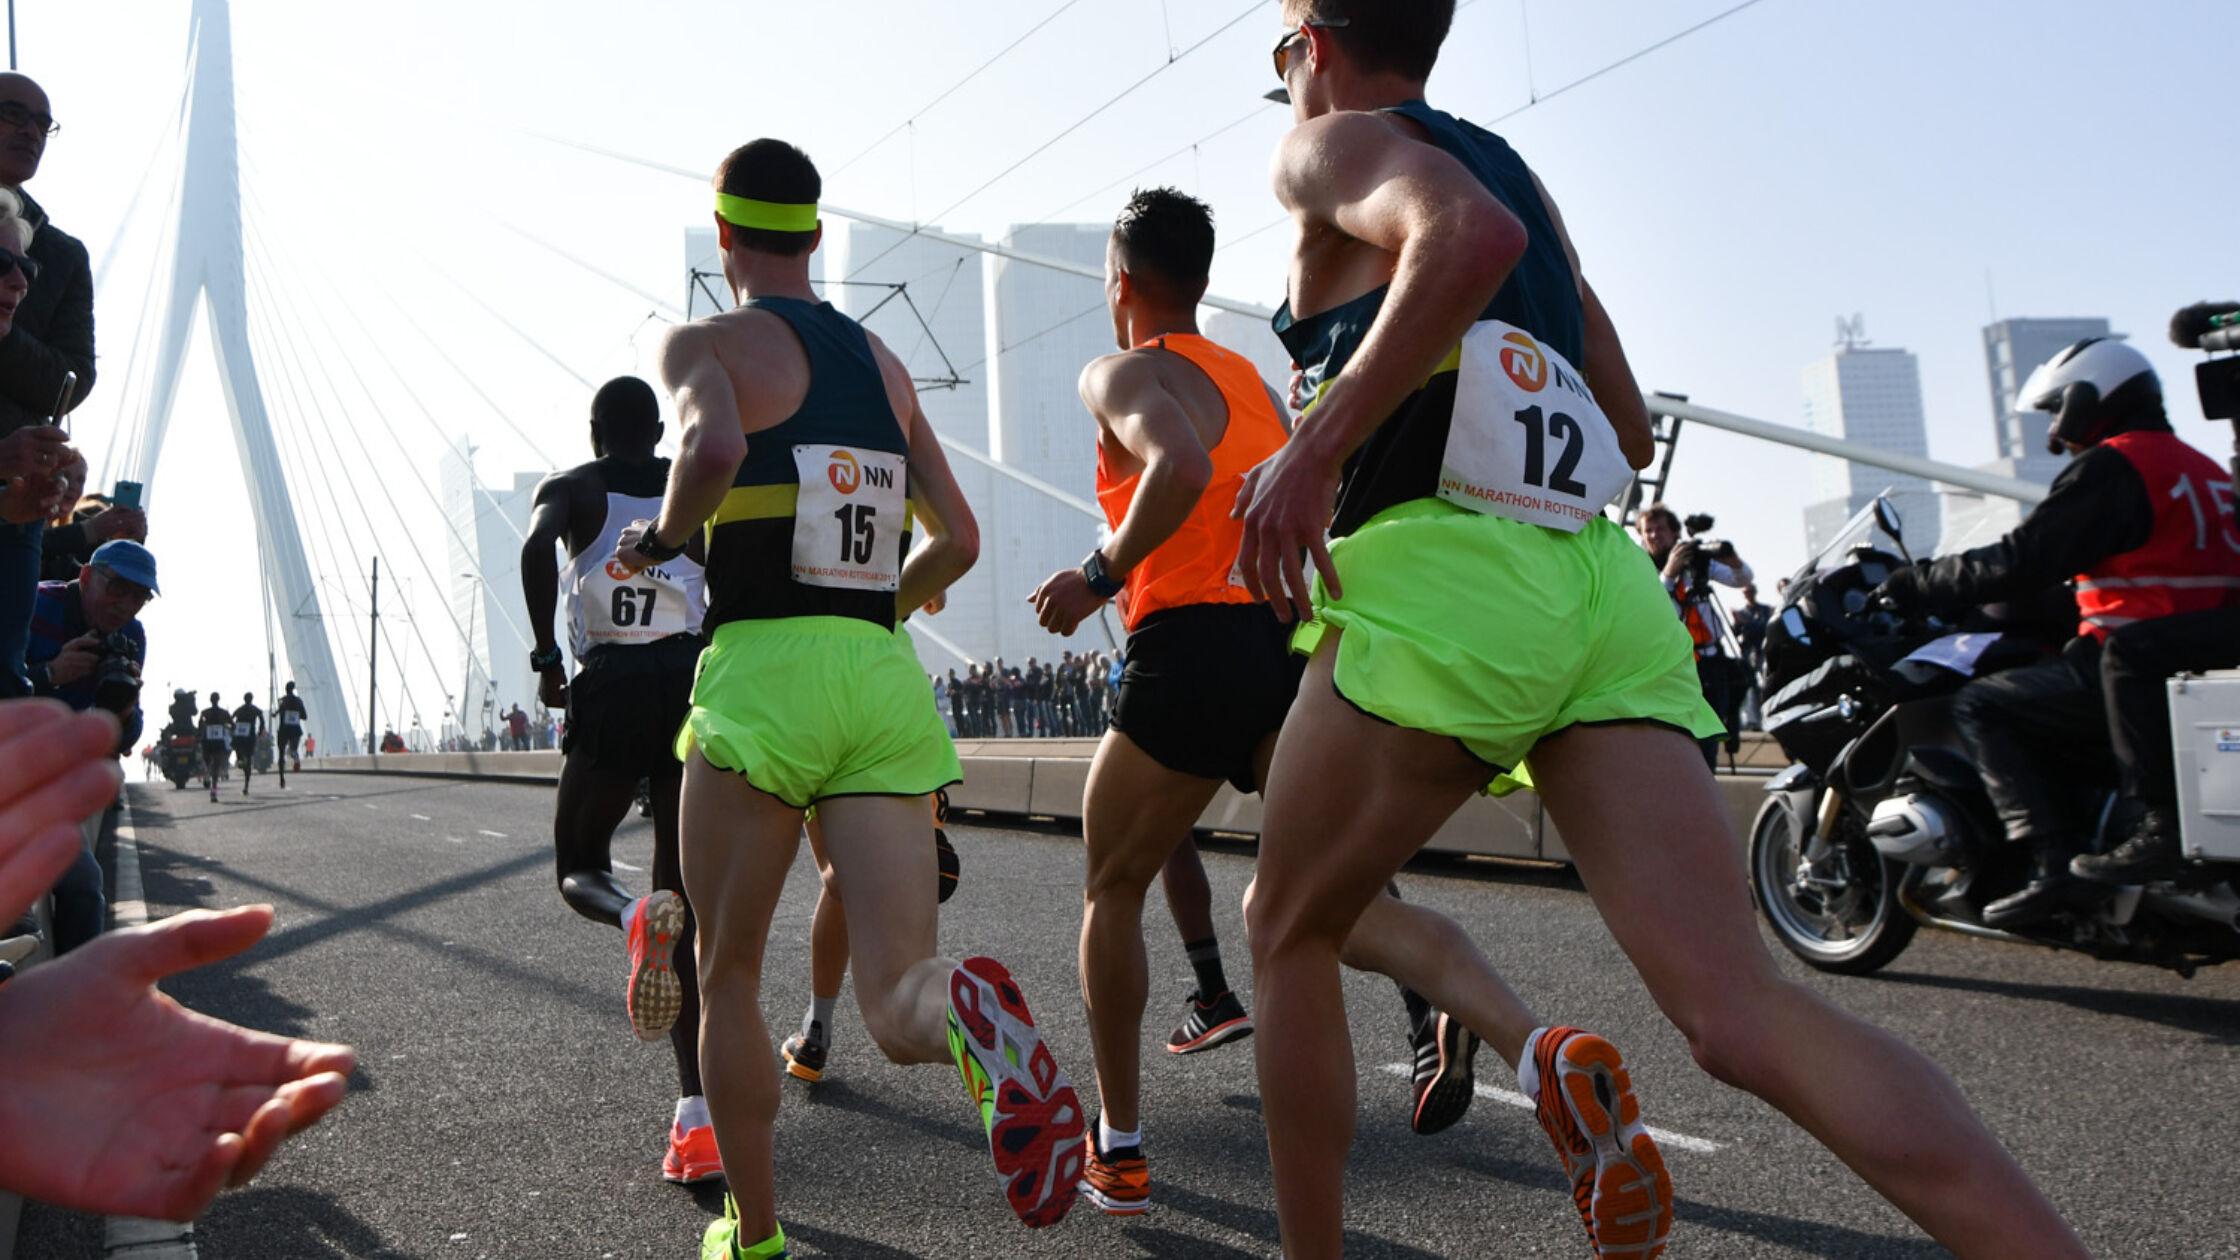 Nederland is een behoorlijk marathonlandje